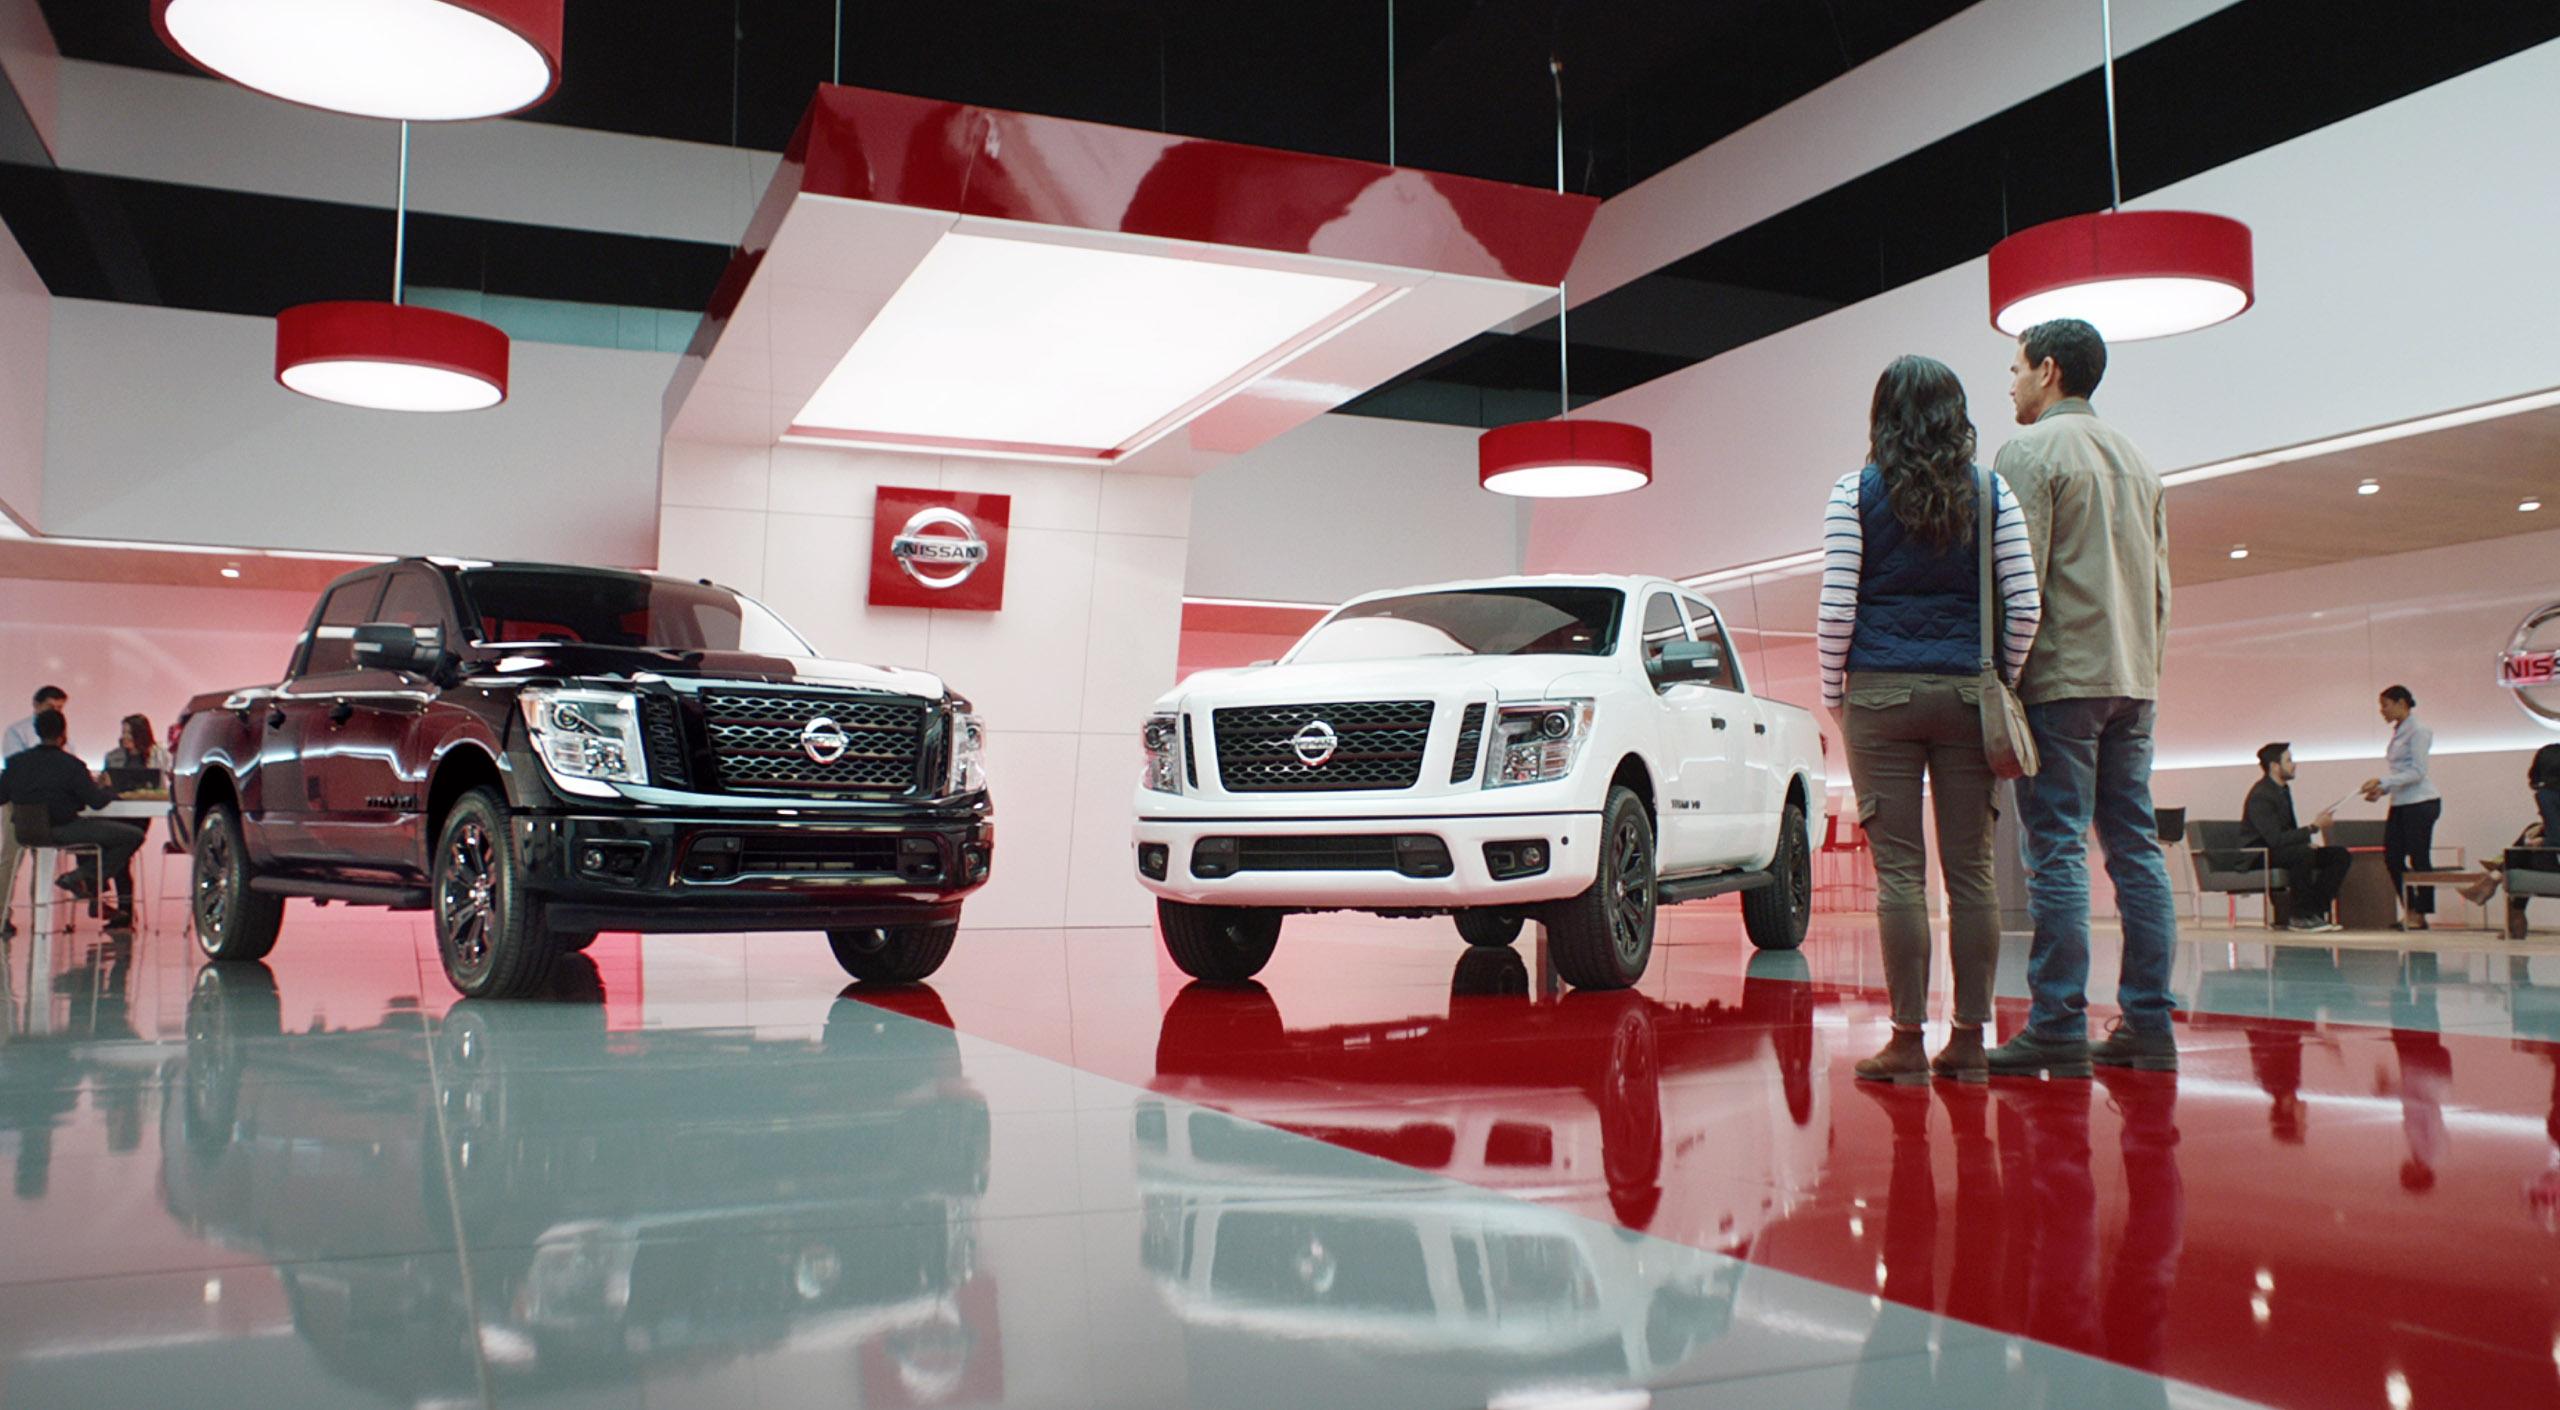 https://0201.nccdn.net/1_2/000/000/0c0/281/Nissan-2017web.jpg